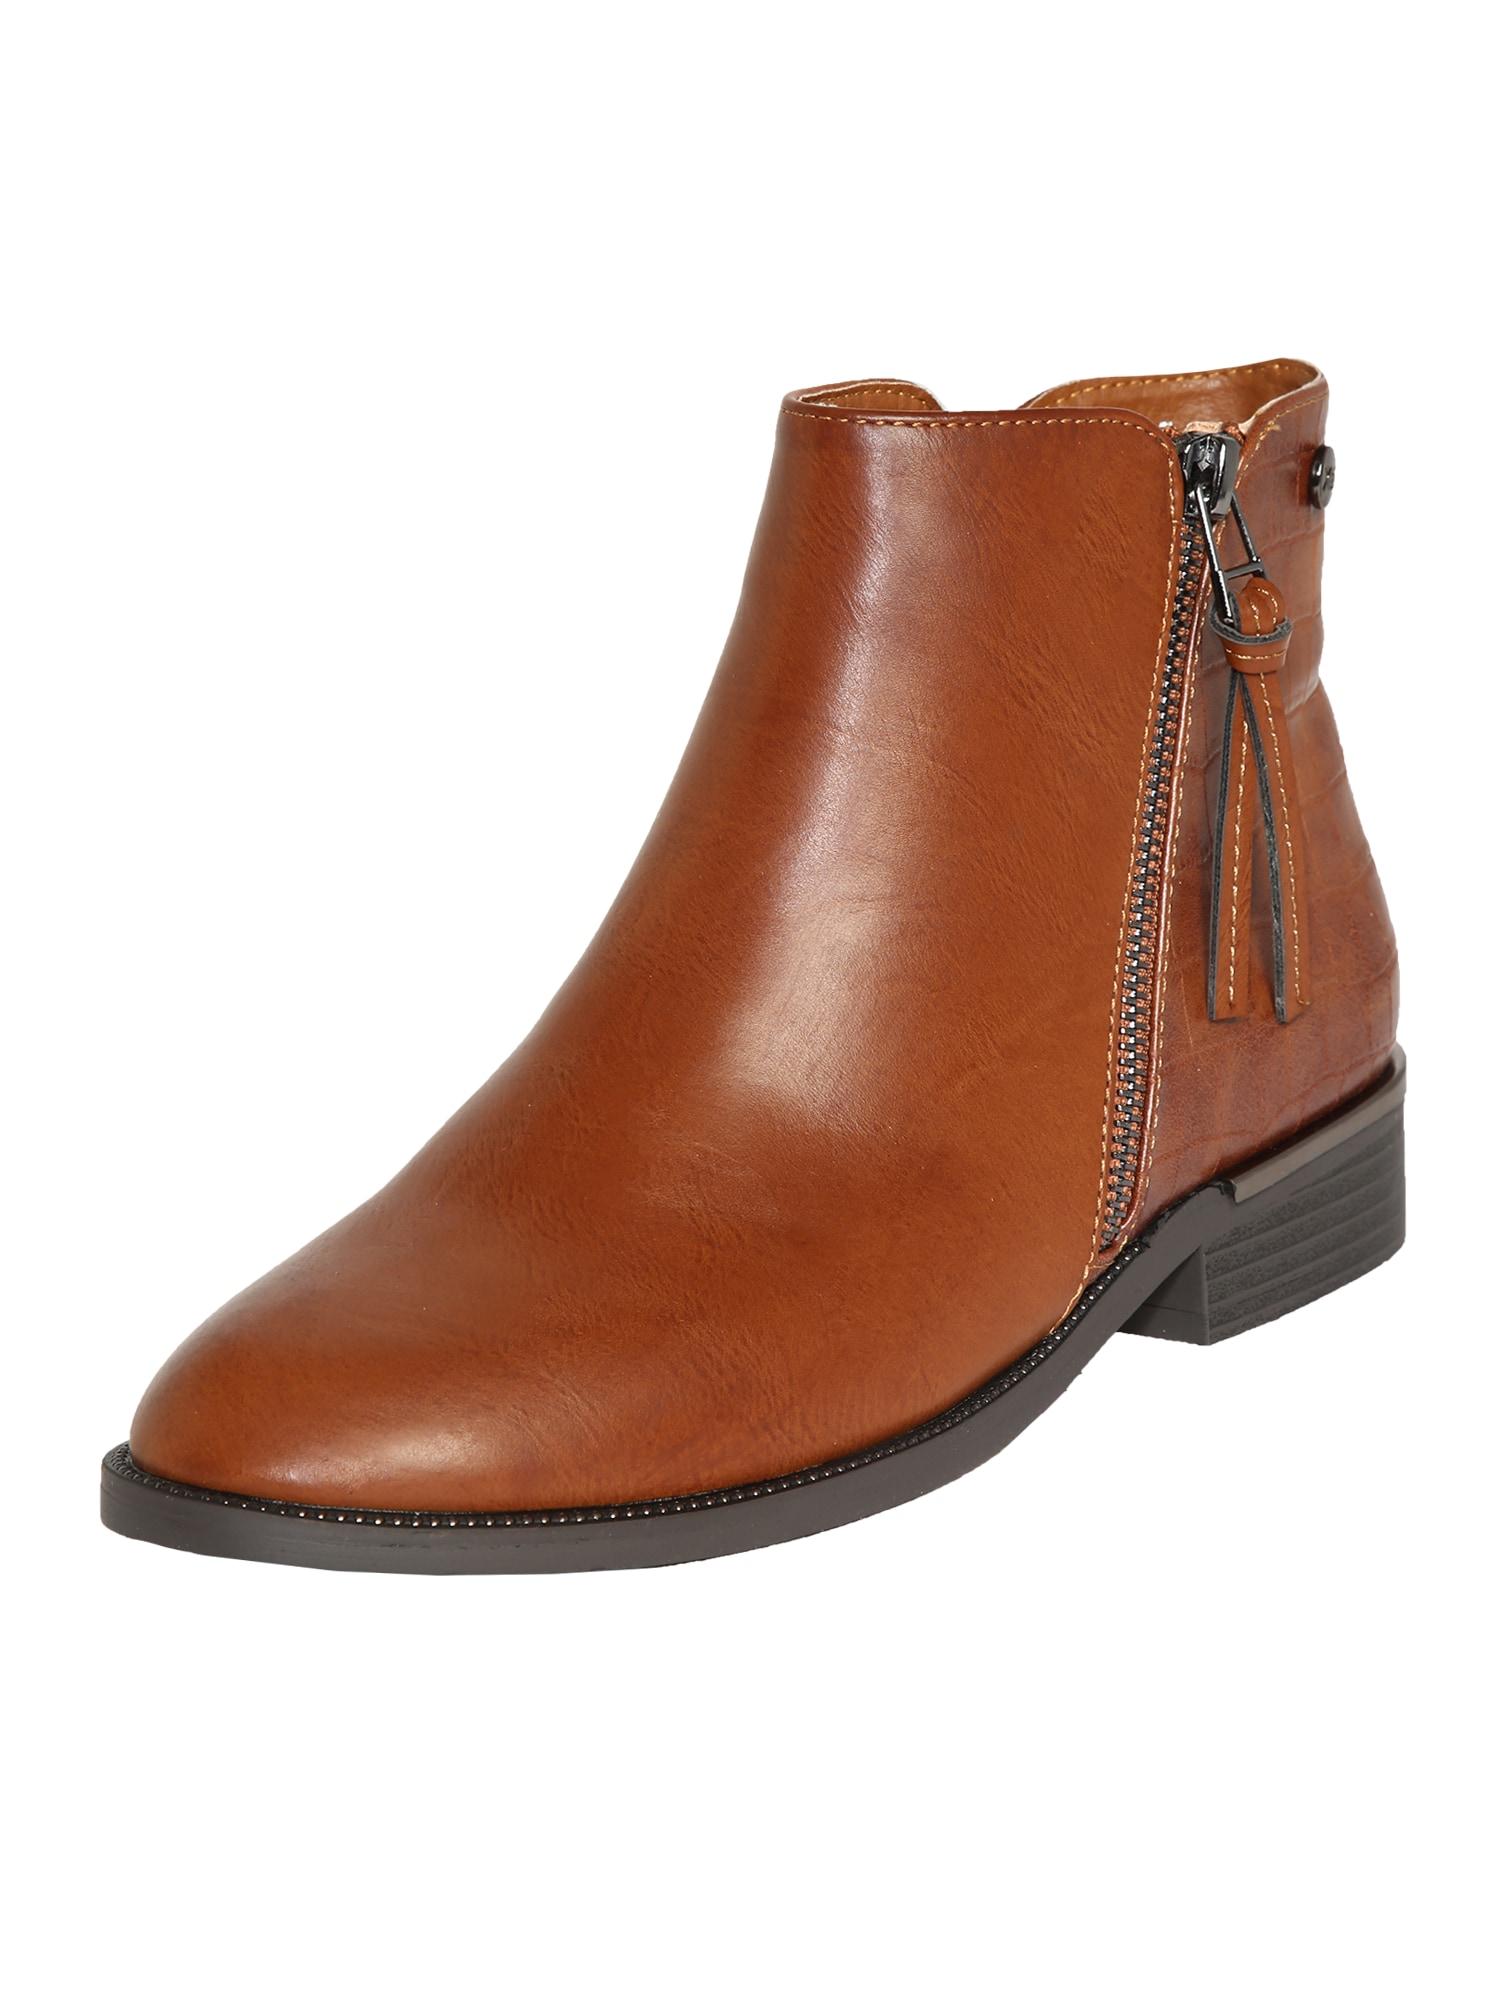 Xti Kulkšnis dengiantys batai ruda (konjako)